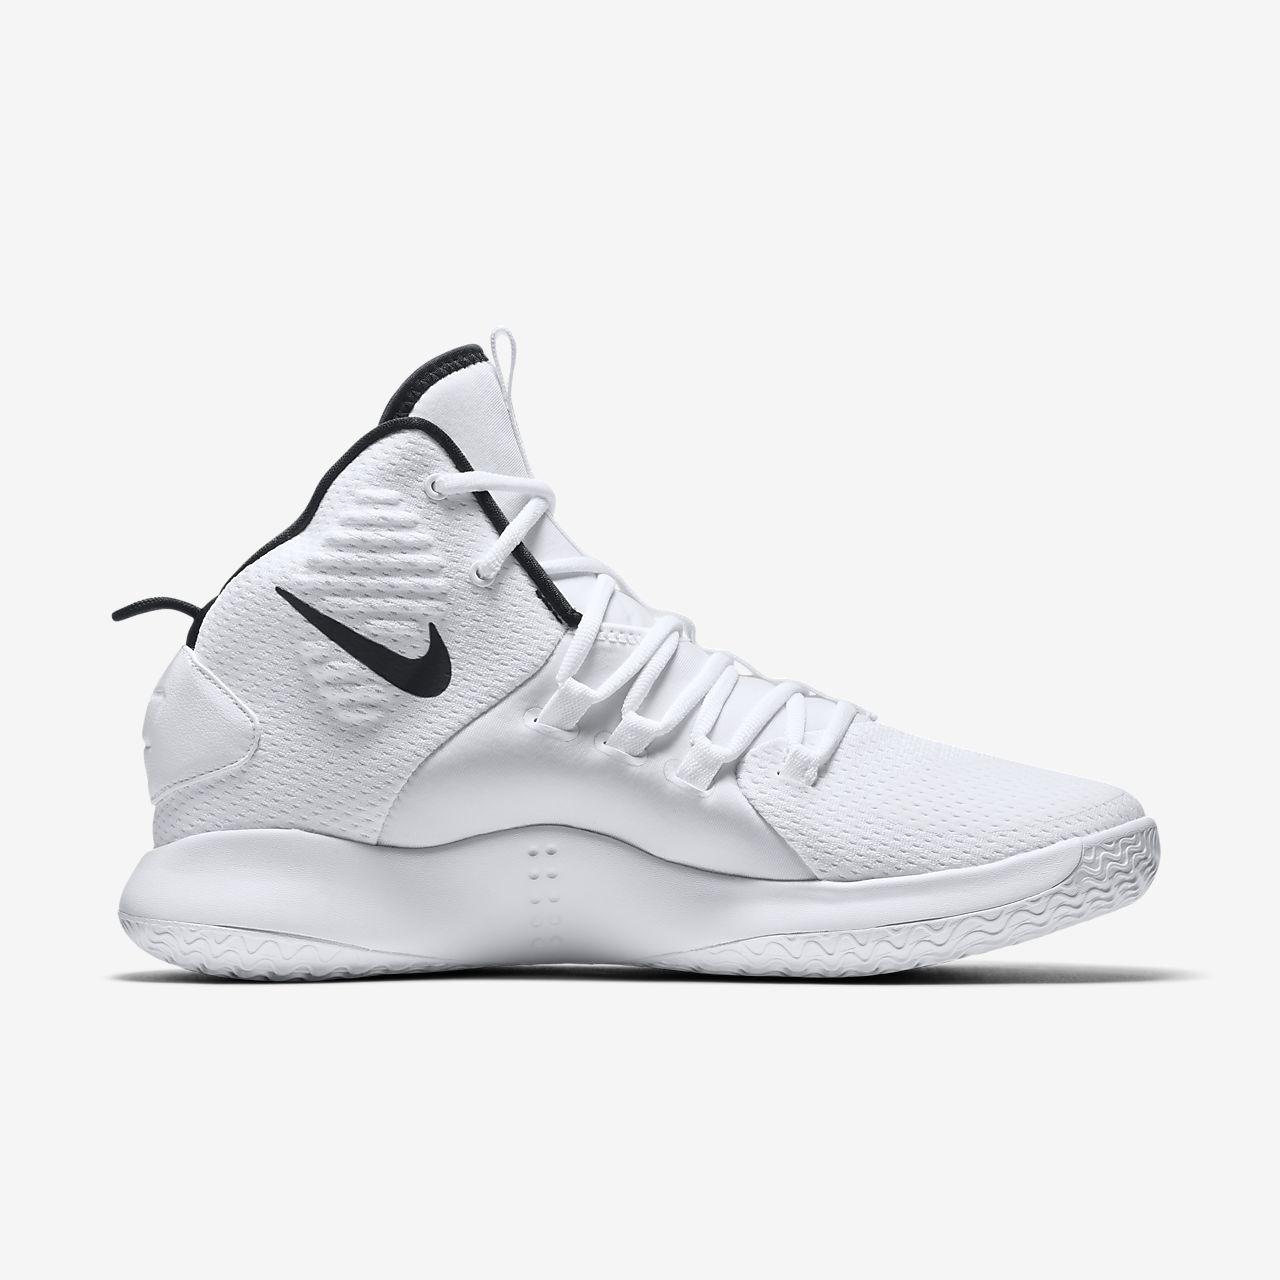 pretty nice a1f77 adbda ... Nike Hyperdunk X TB Basketball Shoe